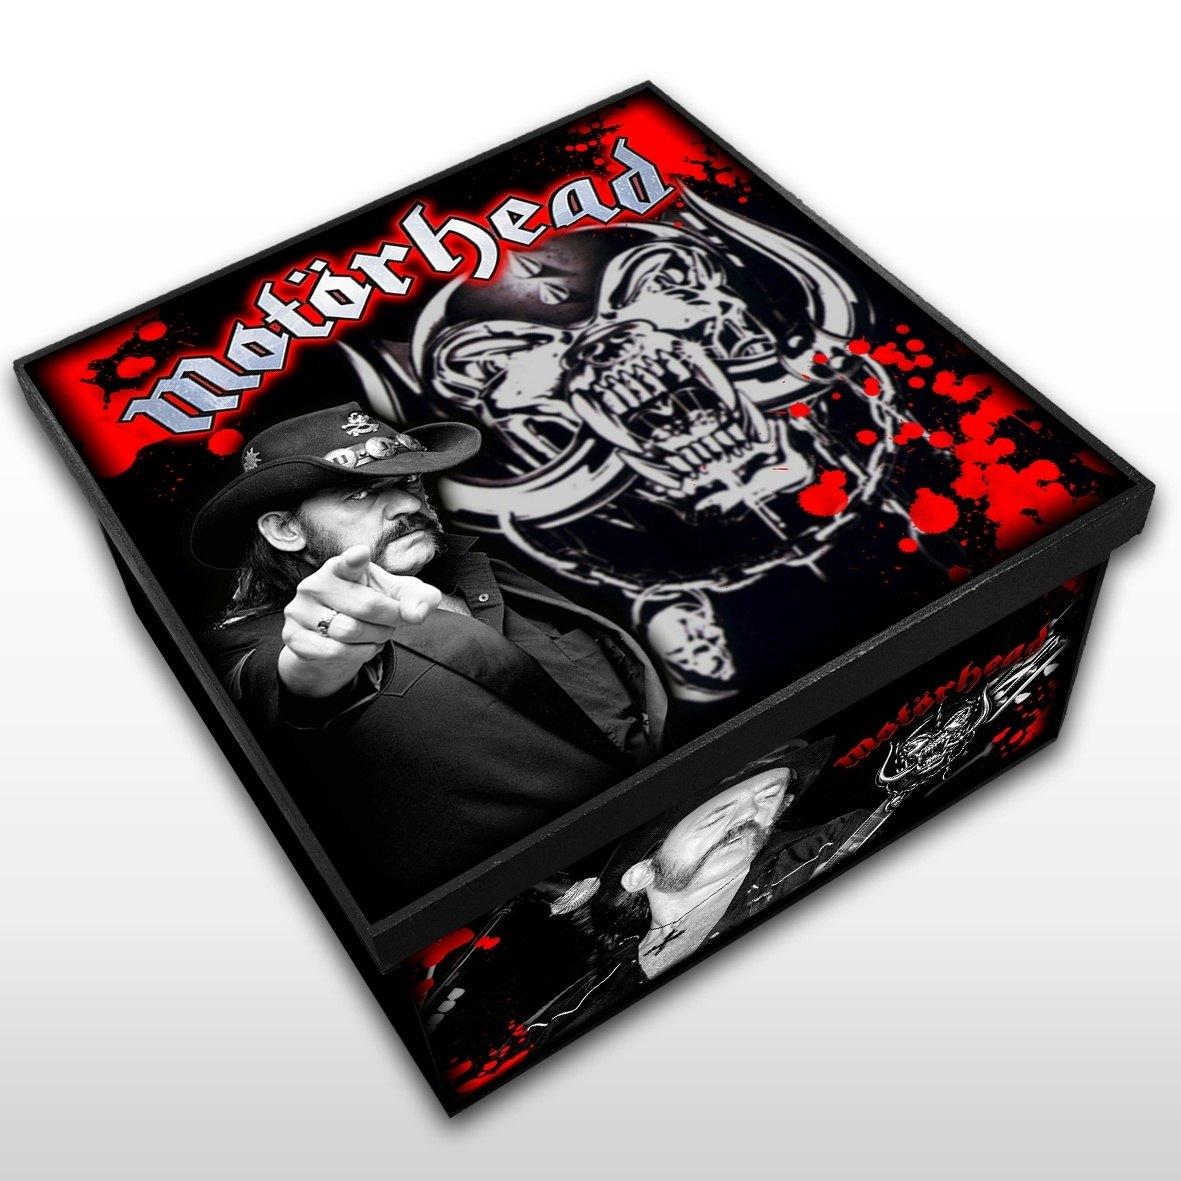 Motorhead - Caixa em Madeira MDF - Tamanho Médio - Mr. Rock